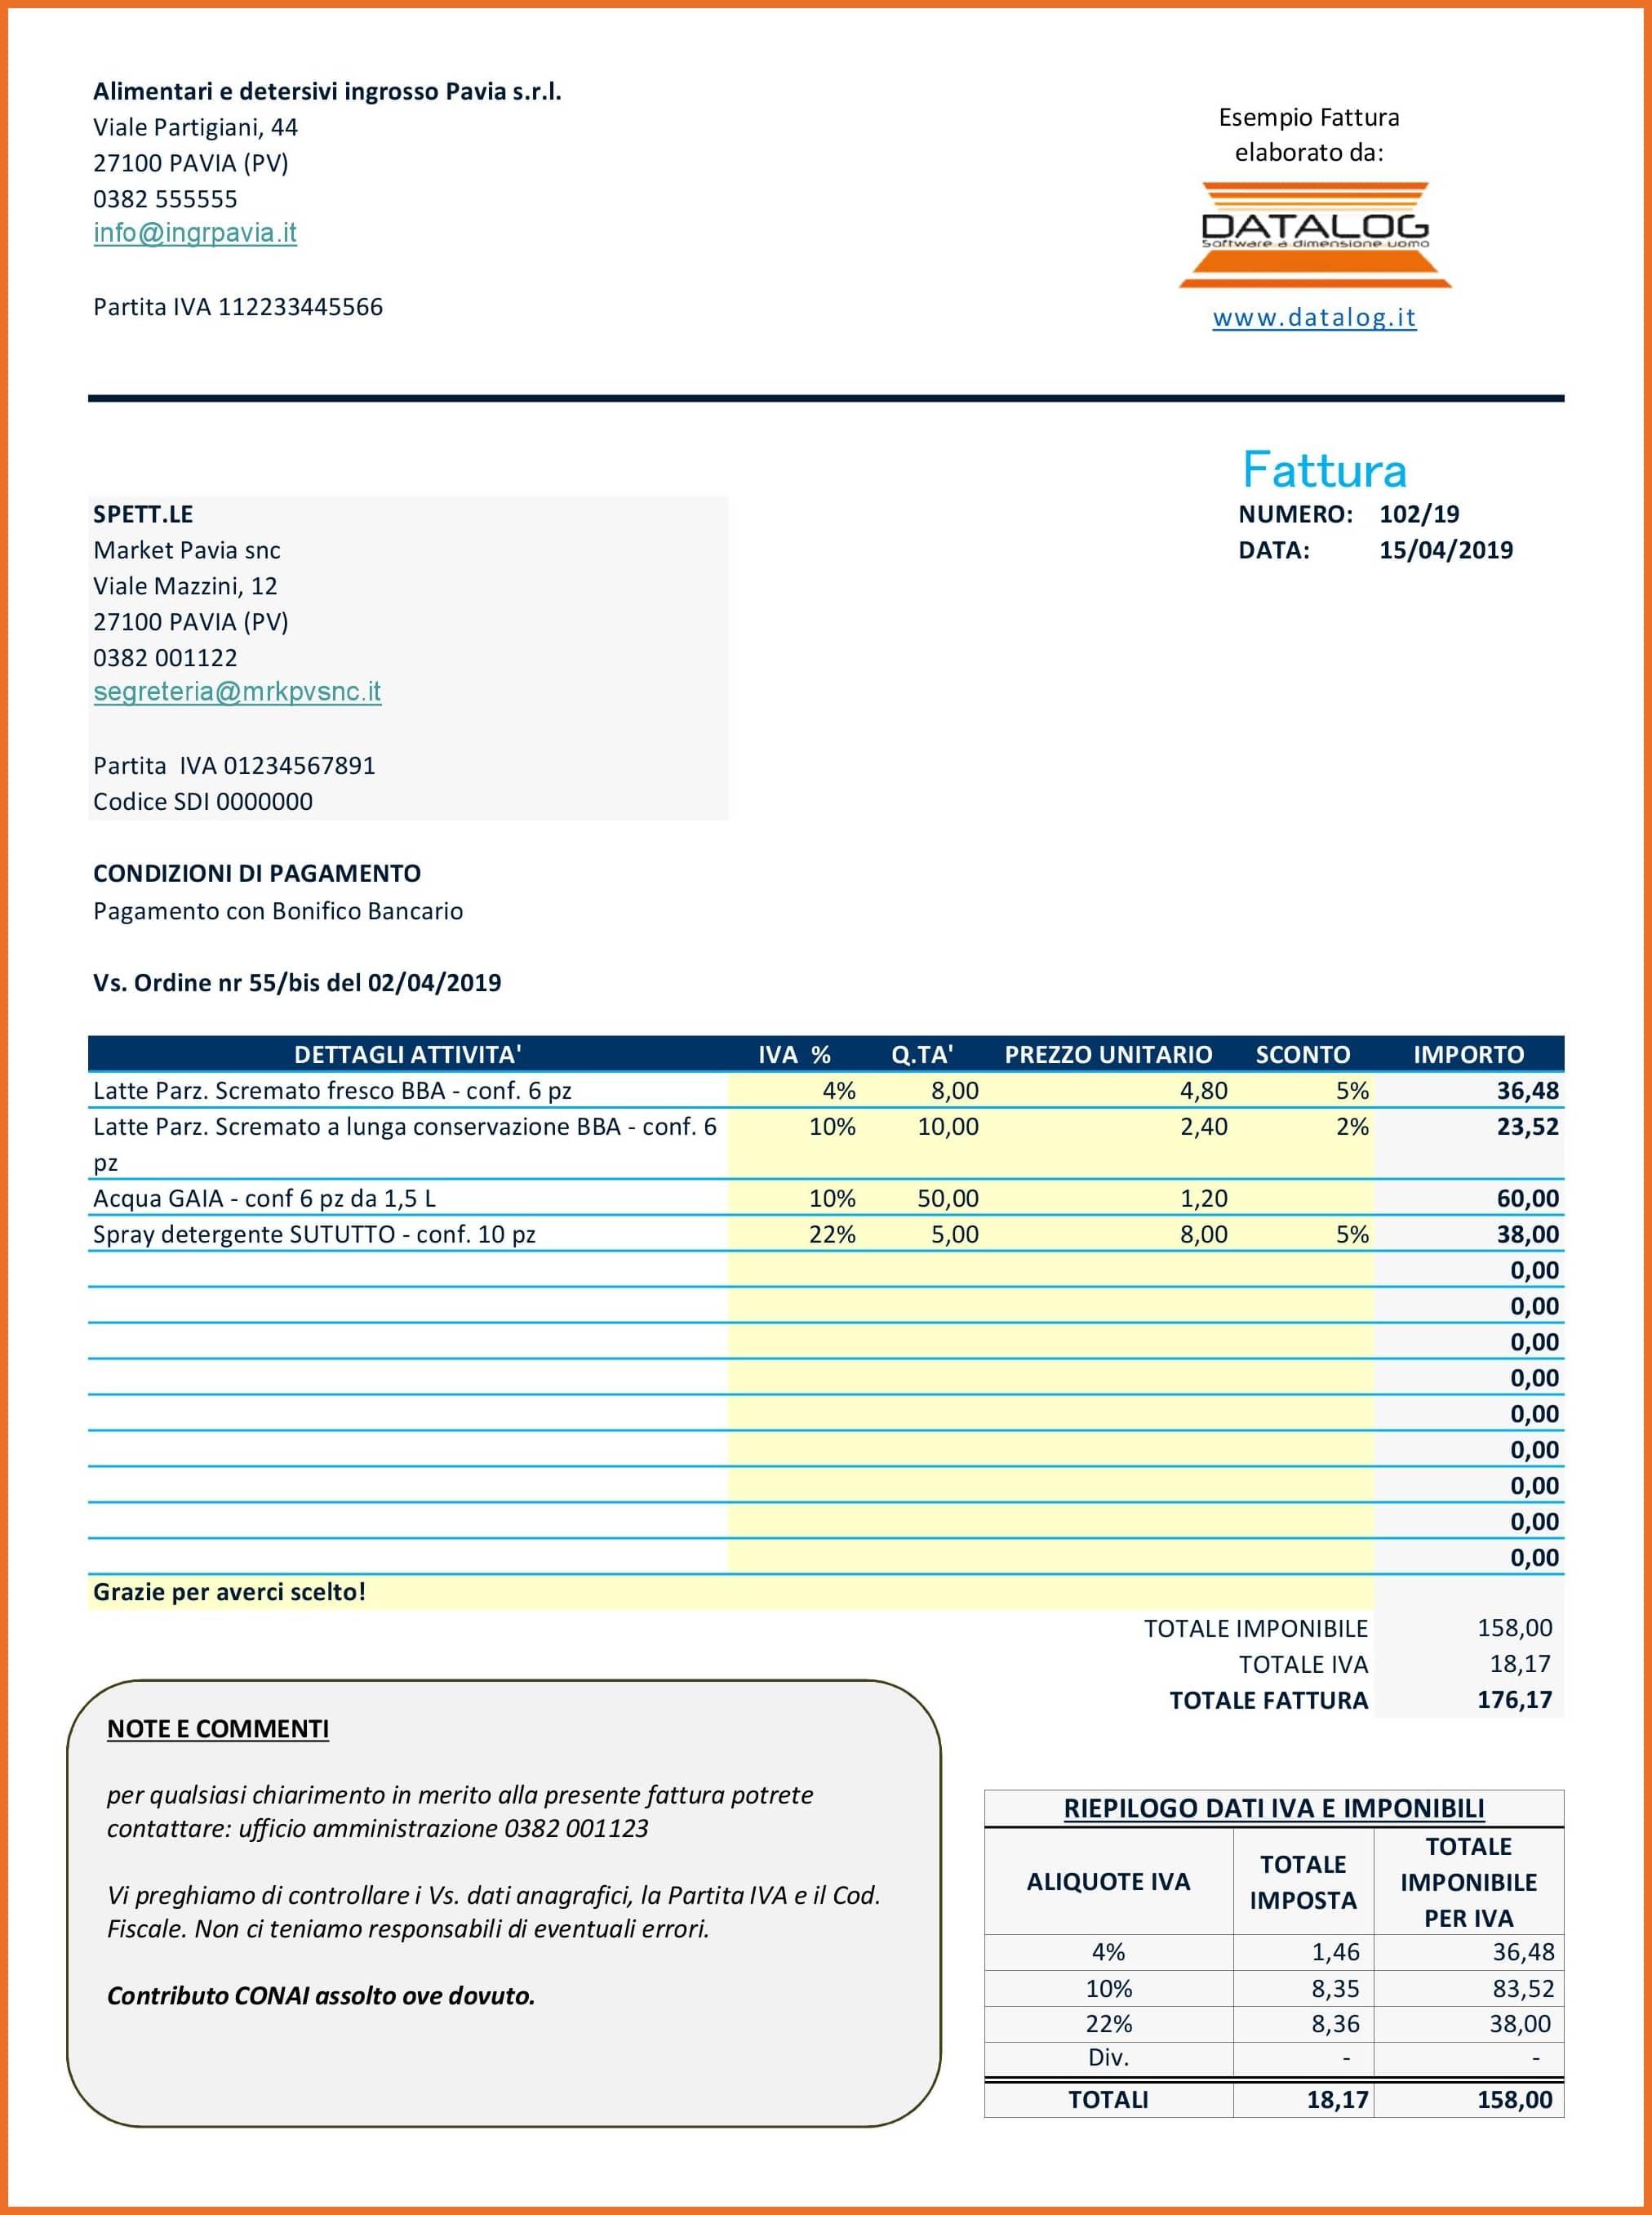 Modello Fattura Excel con più aliquote IVA